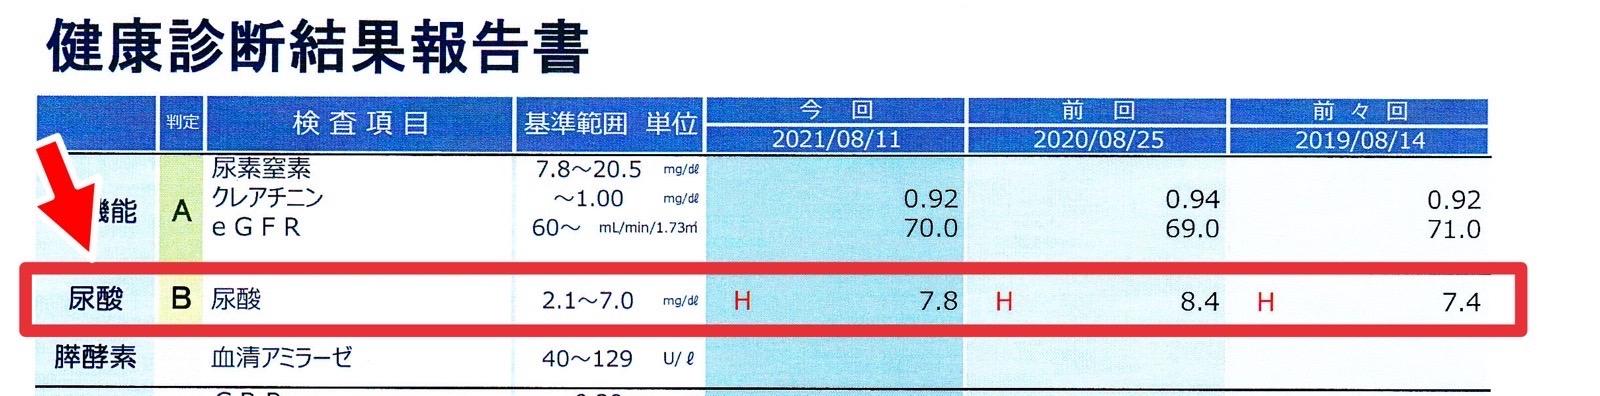 IMG_1442 【体験レポート!】尿酸値の上昇(痛風)を抑えるヨーグルトを半年間飲み続けた結果!